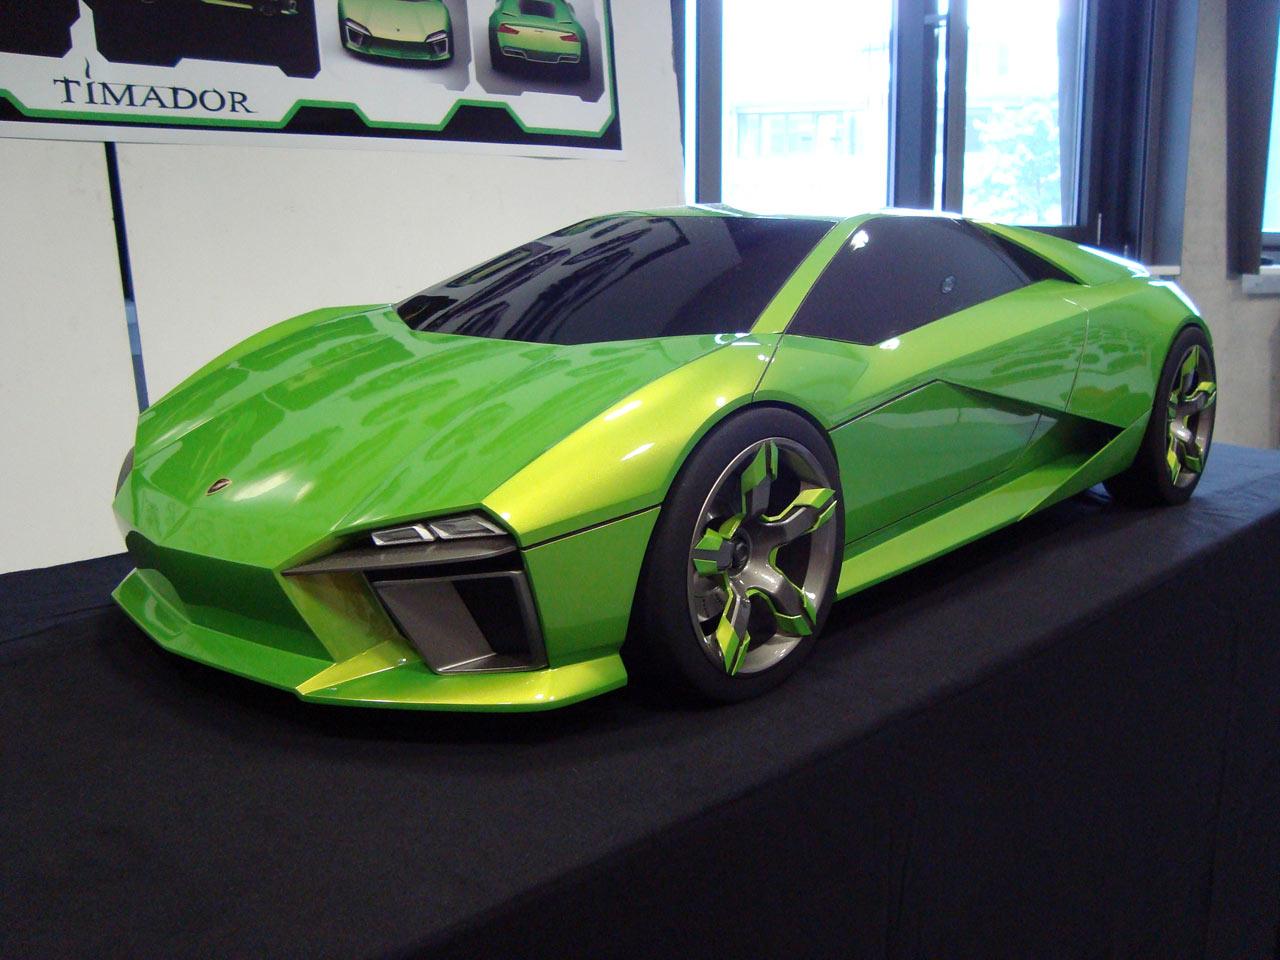 Lamborghini Timador by Johannes Brandsch Clay Model - Car Body Design